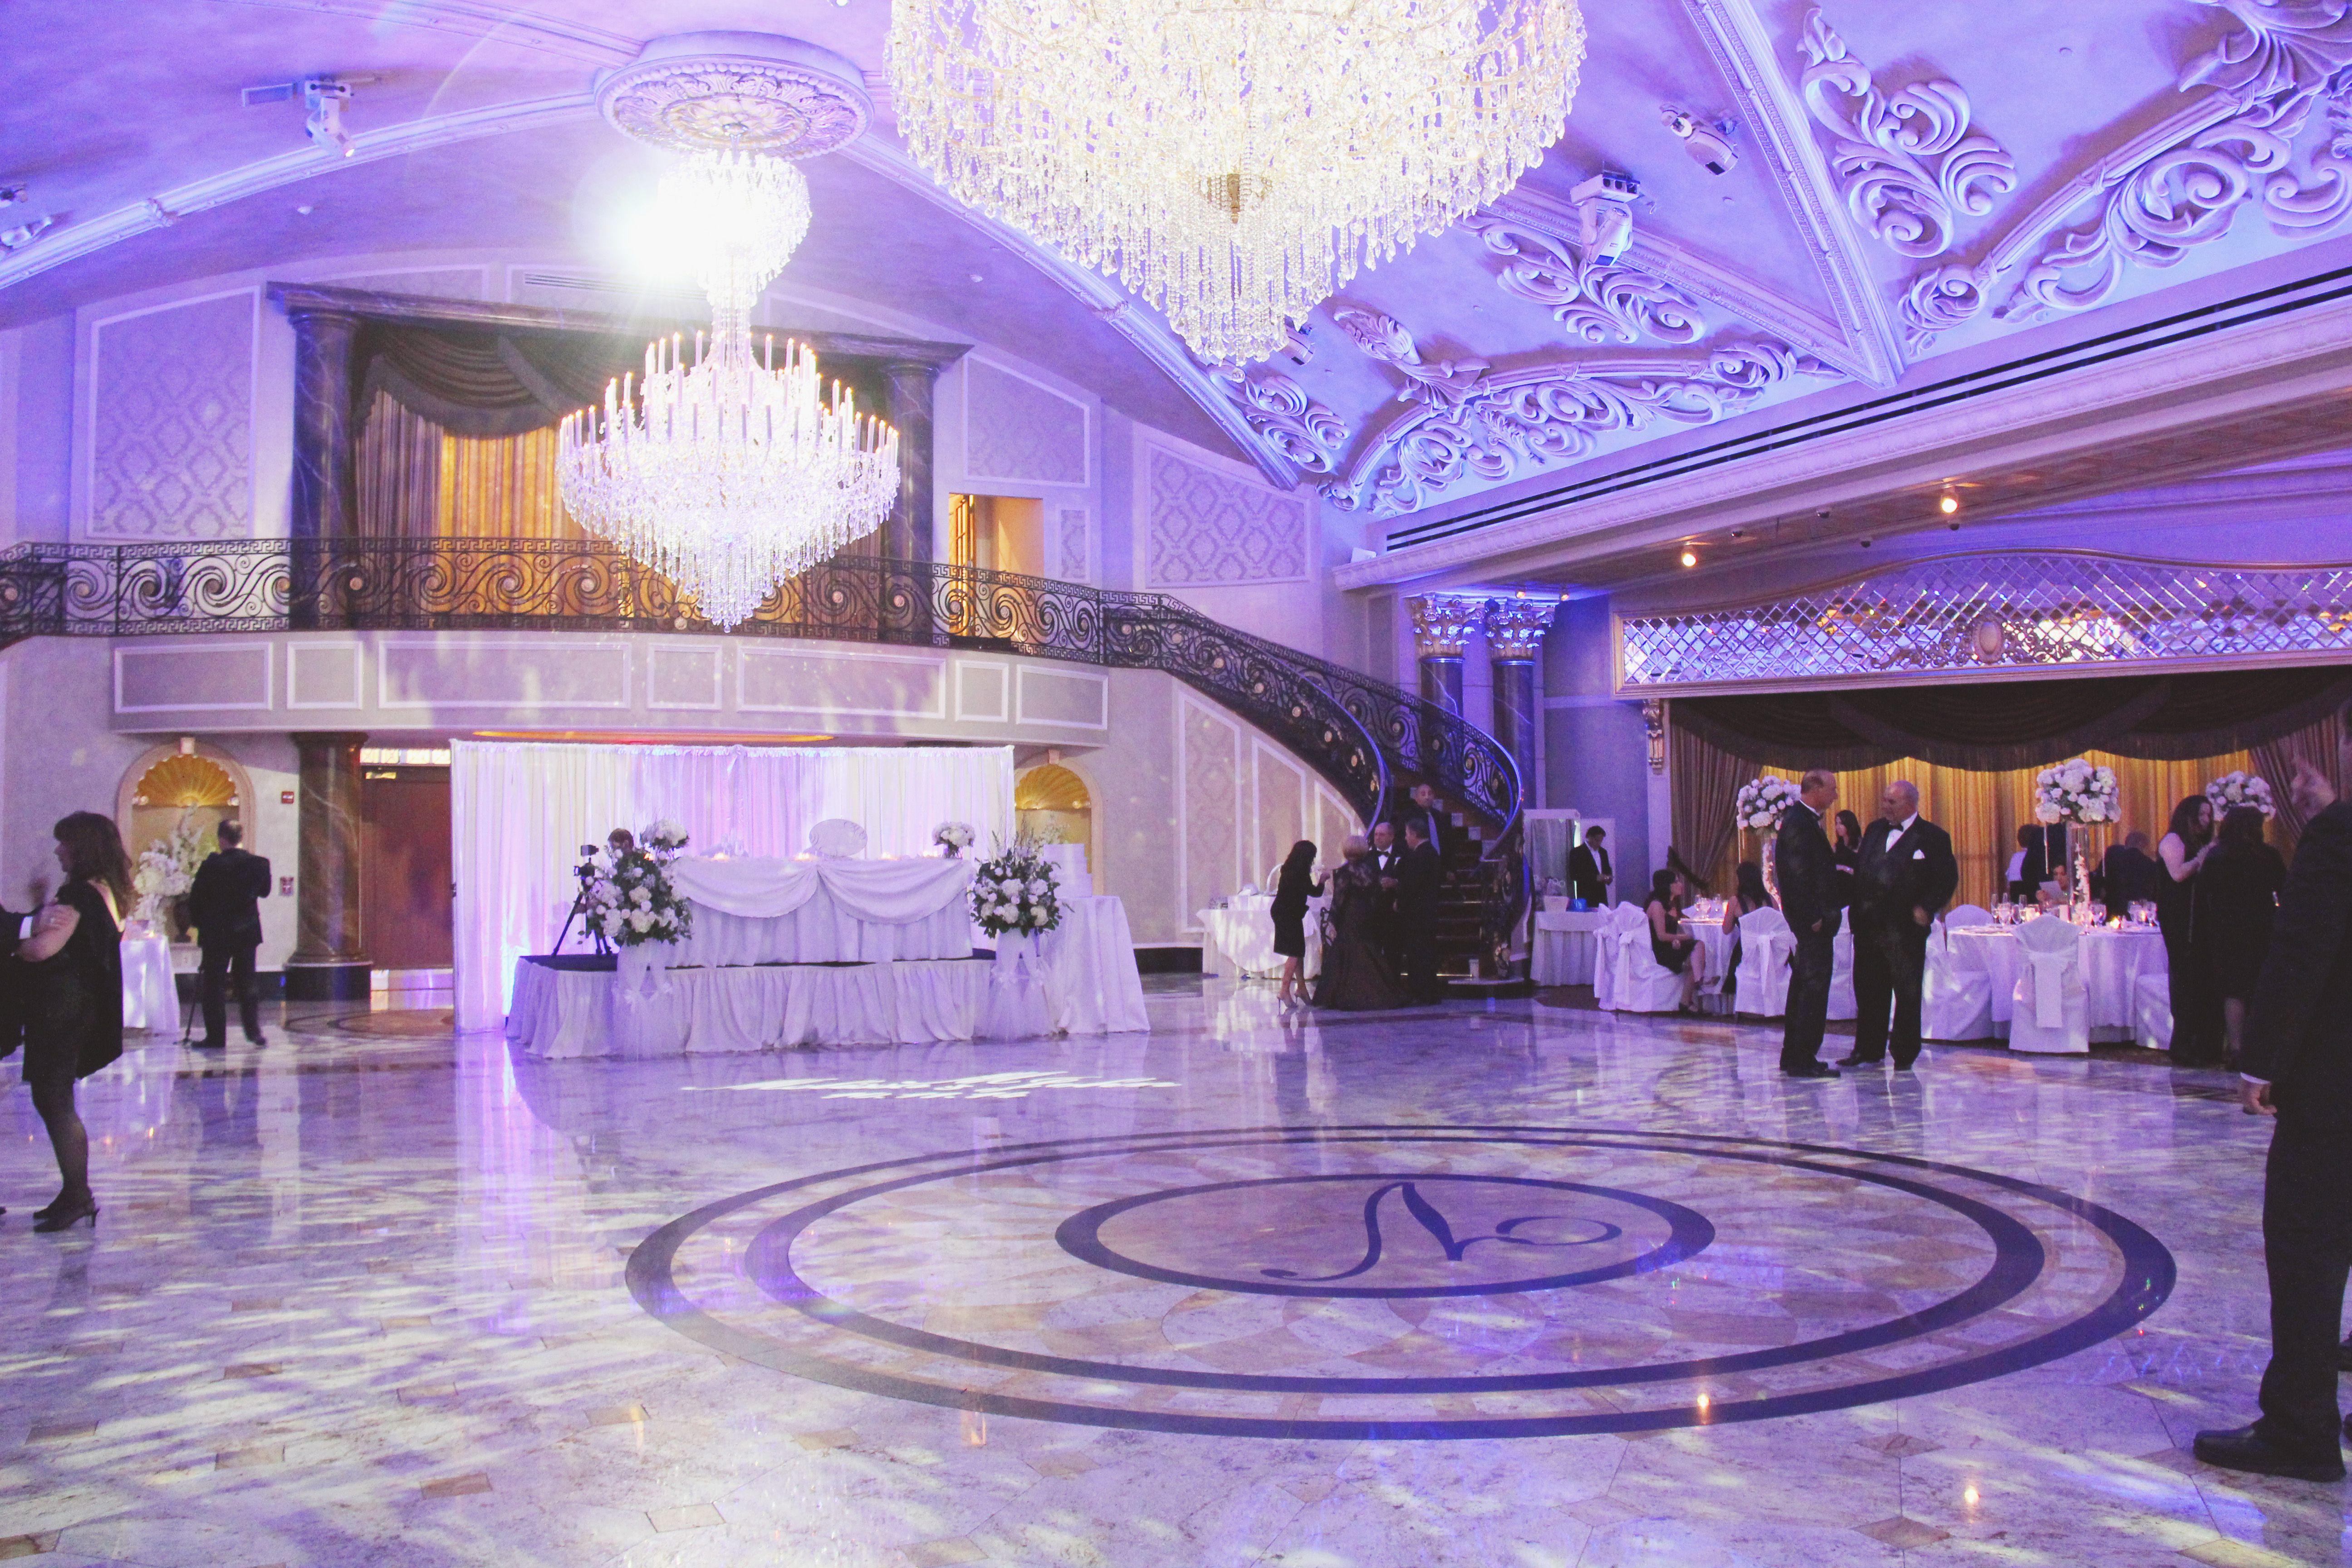 Only In Fairytales Dance Floor Wedding Venetian Wedding Diy